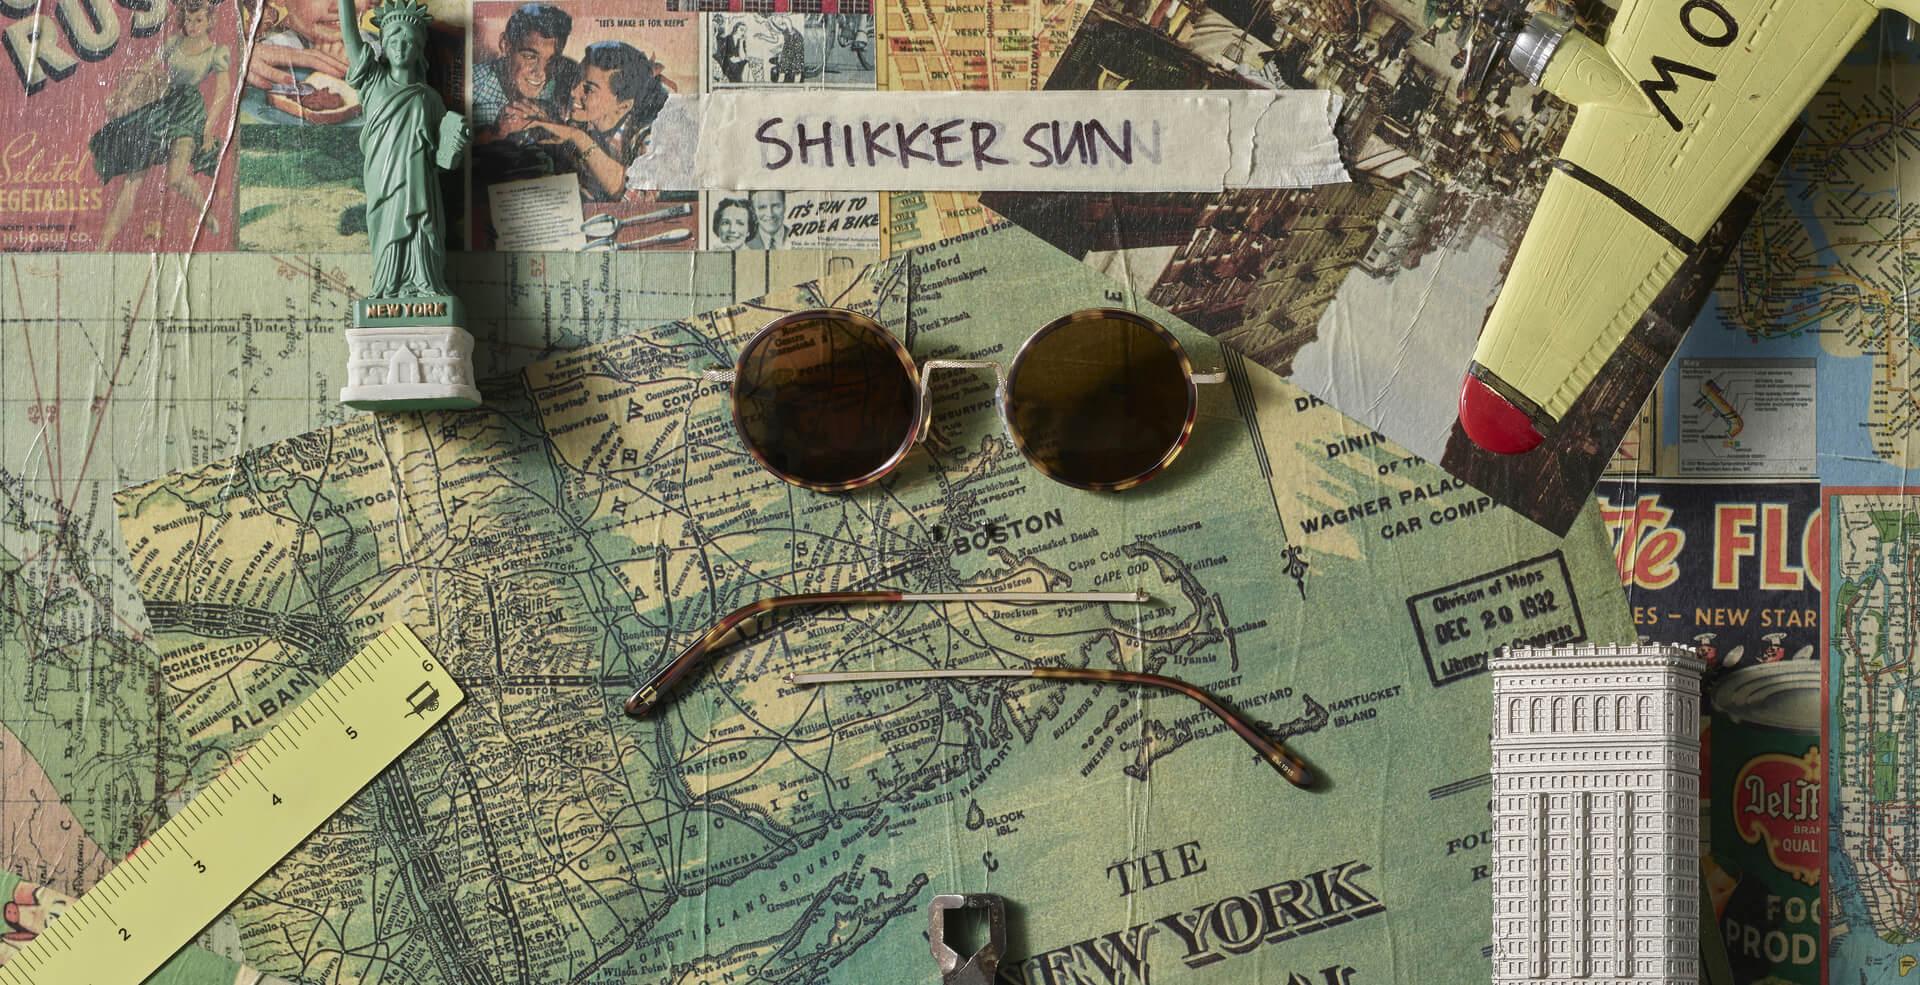 SHIKKER SUN